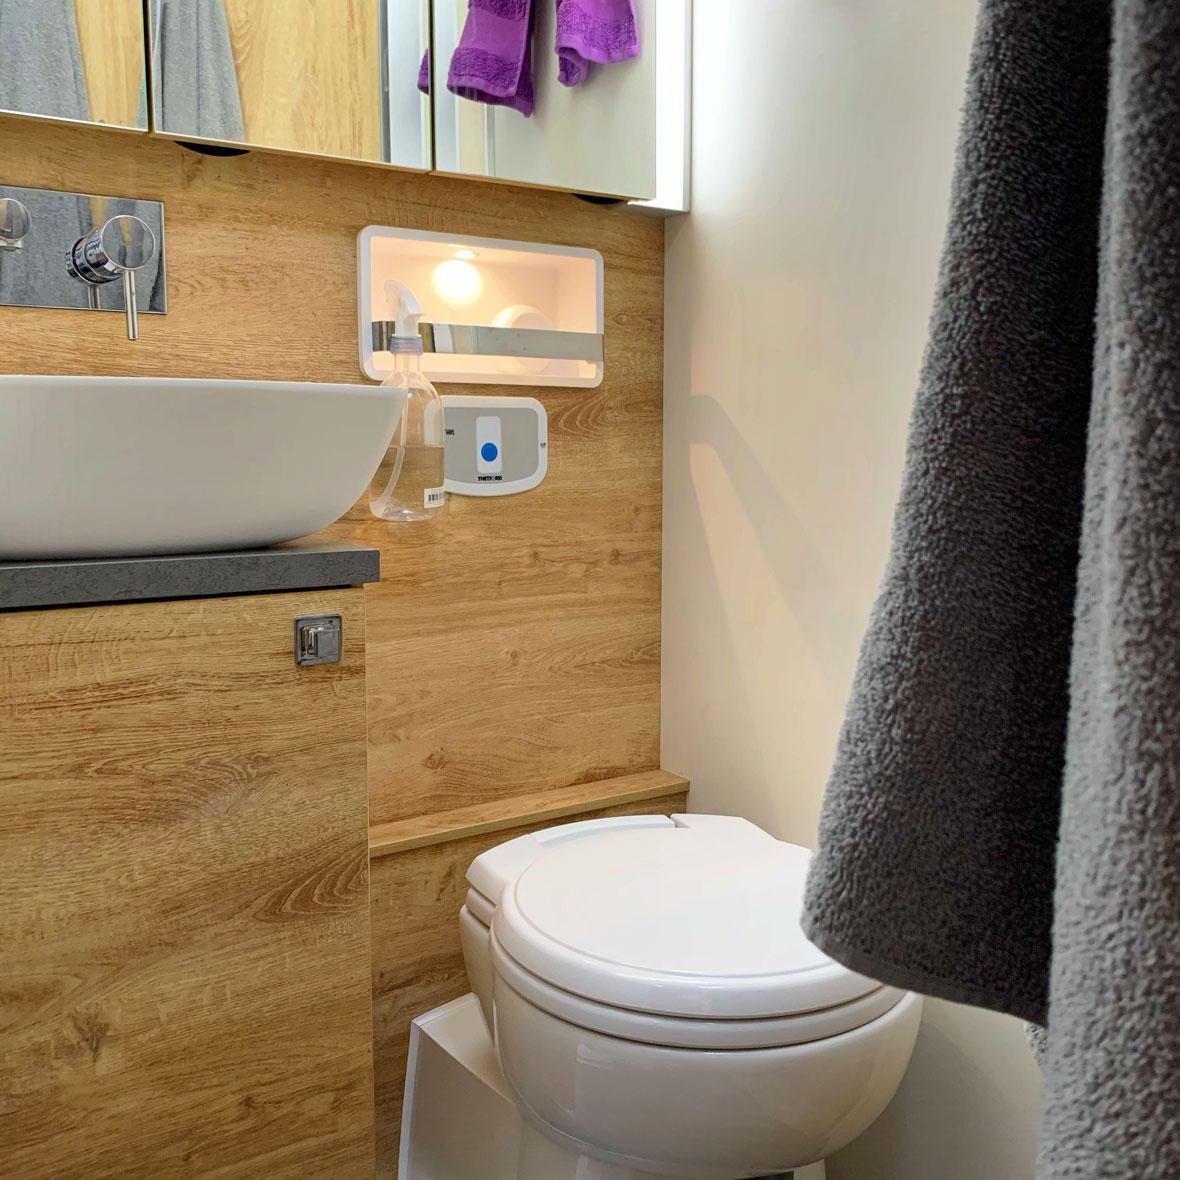 toalett husbil